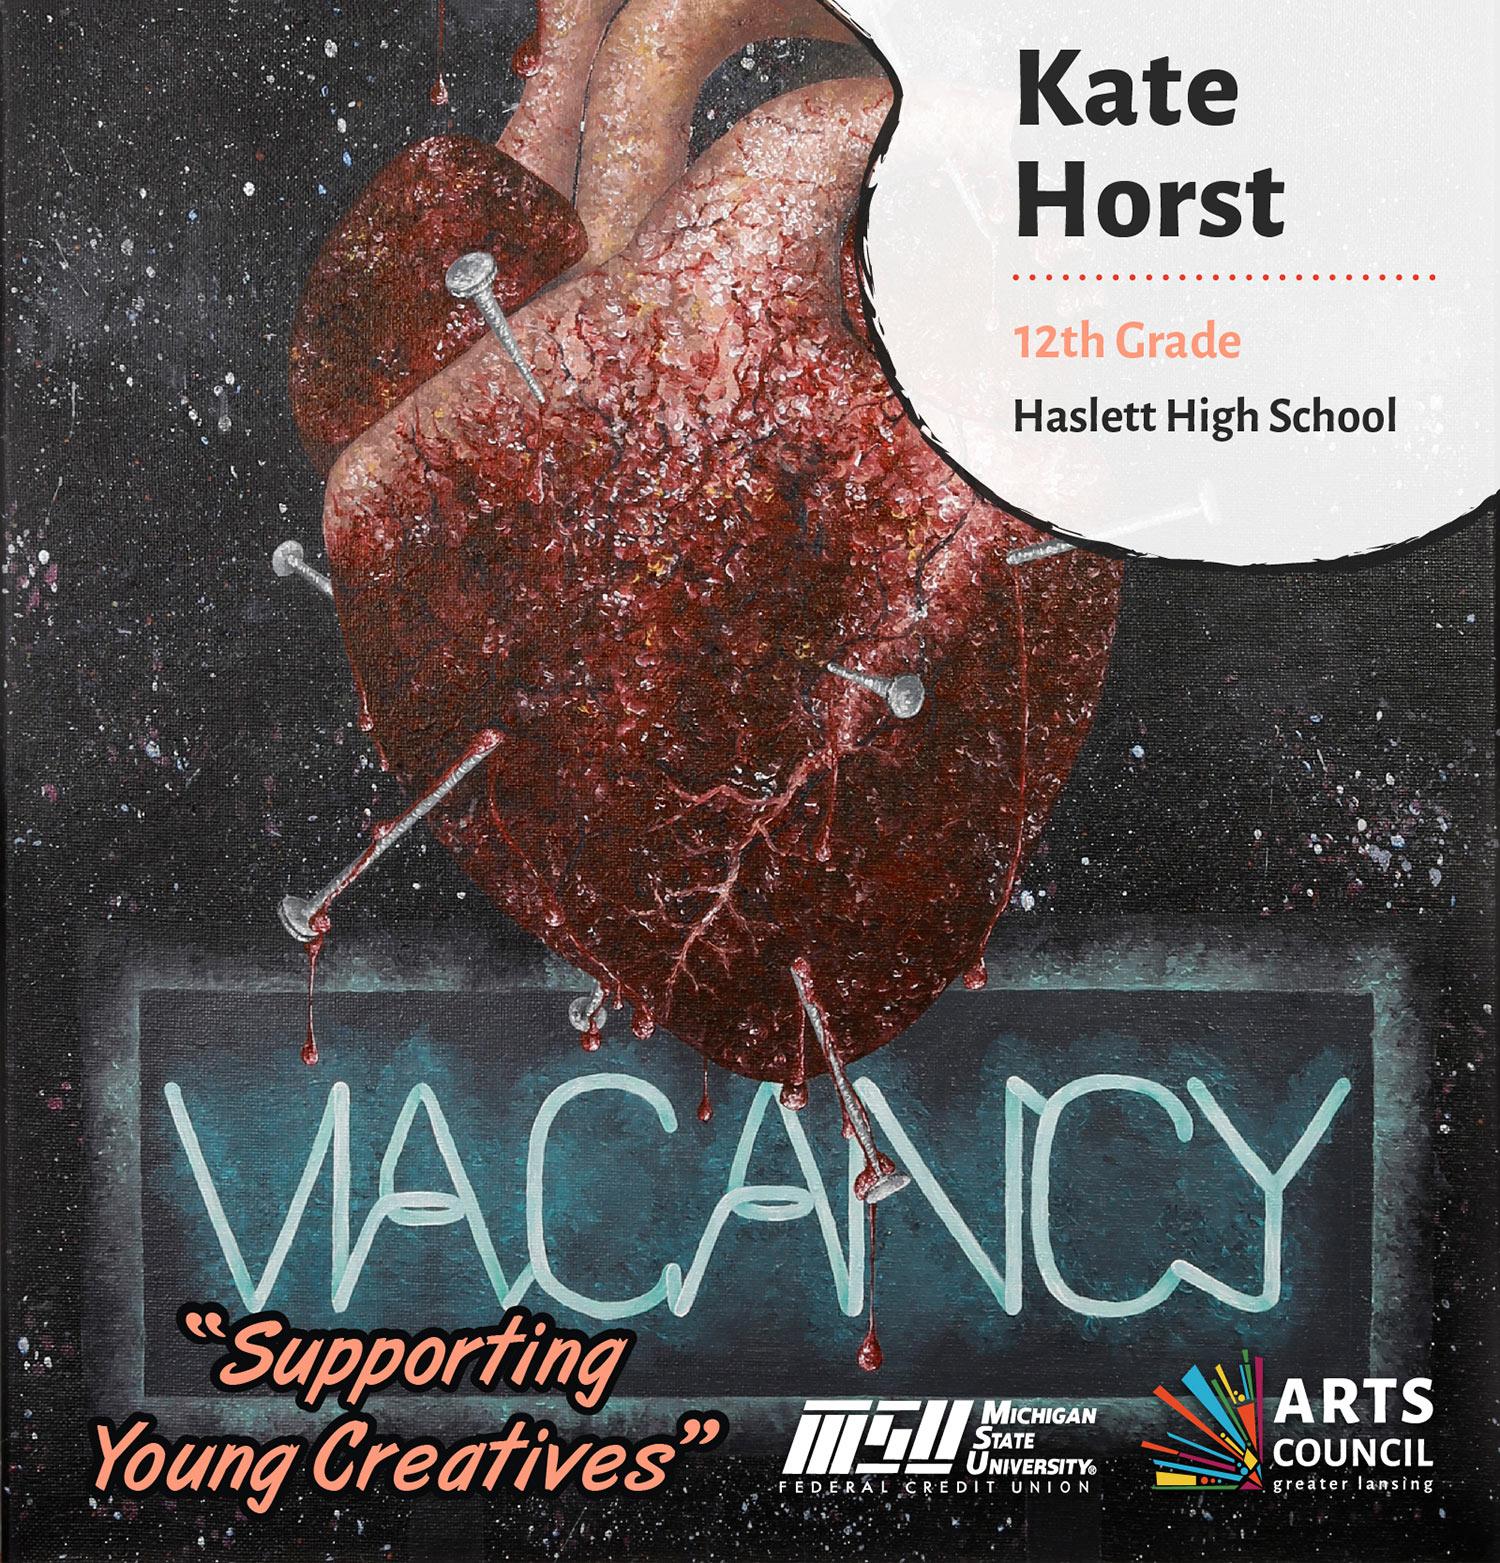 Kate Horst Billboard